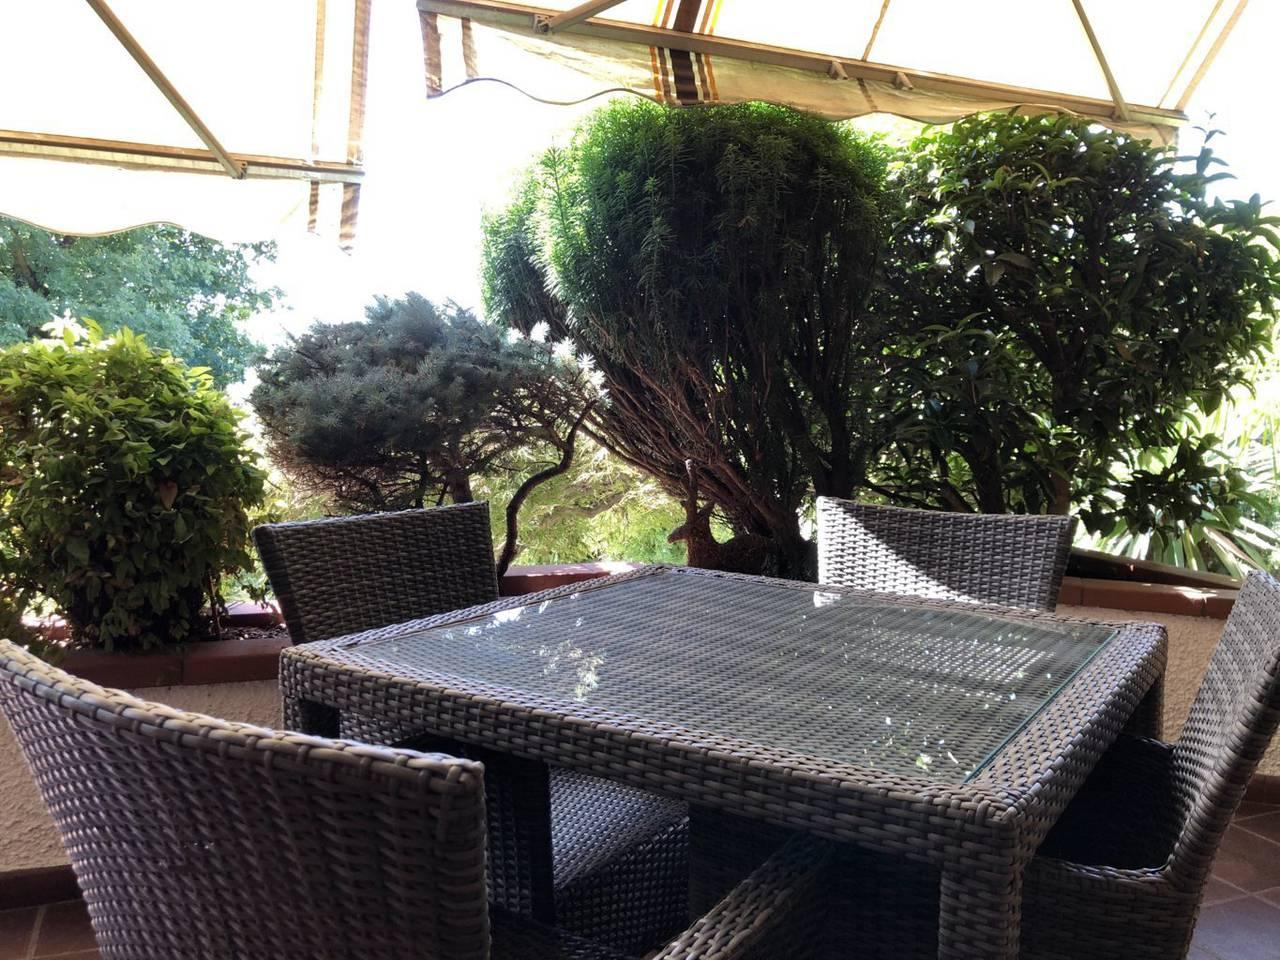 Villa-in-vendita-a-Caronno-Pertusella-26